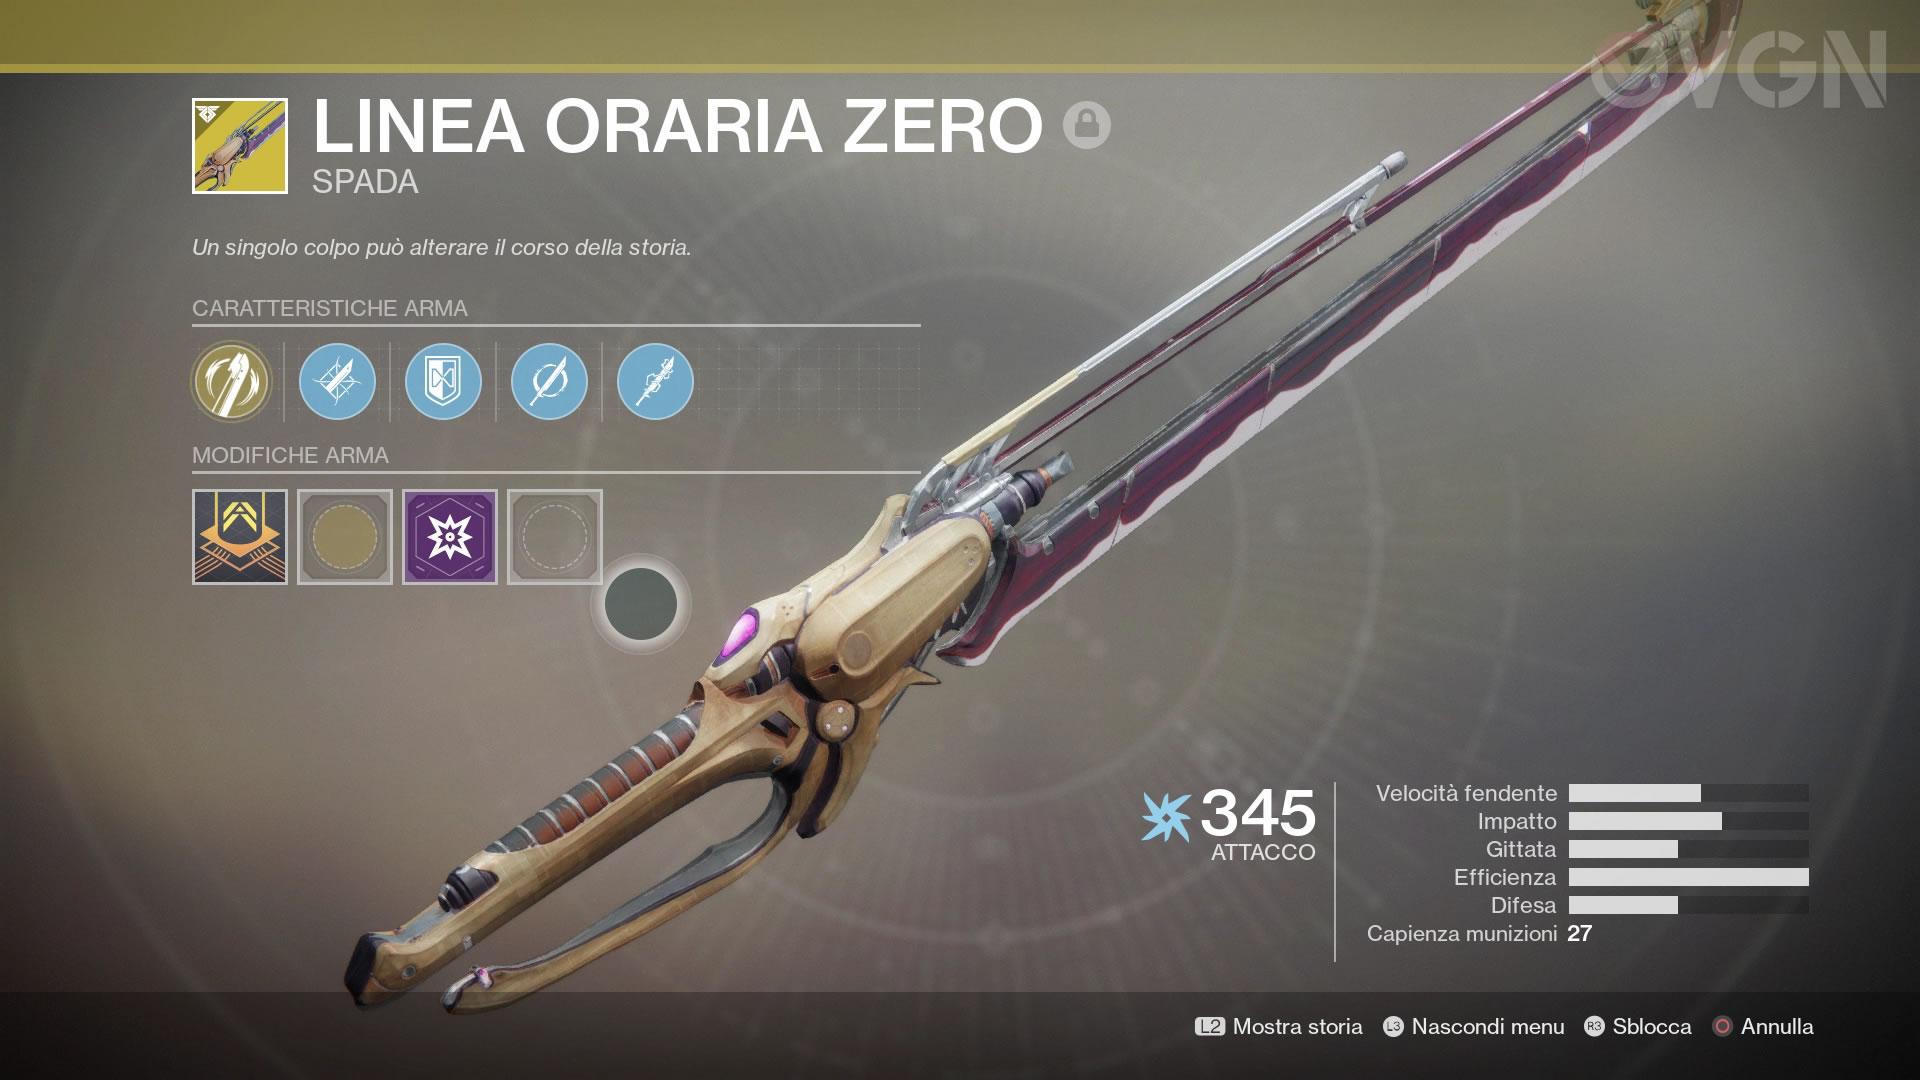 Destiny 2: La Mente Bellica - Linea Oraria Zero